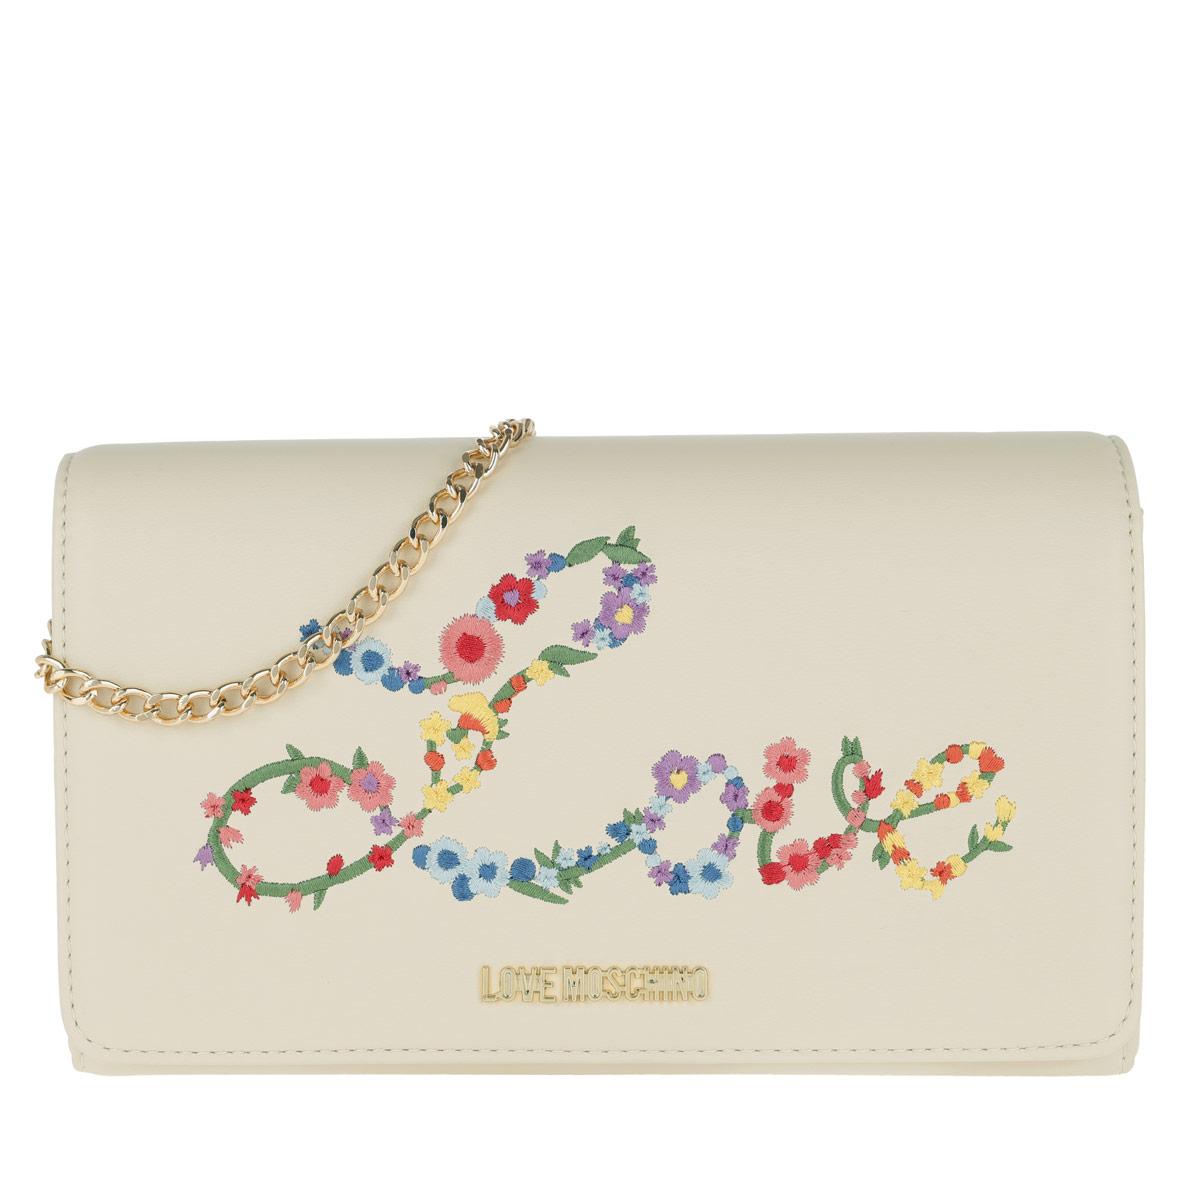 Love Moschino Umhängetasche - Nappa Pu Chain Crossbody Bag Bianco - in weiß - für Damen